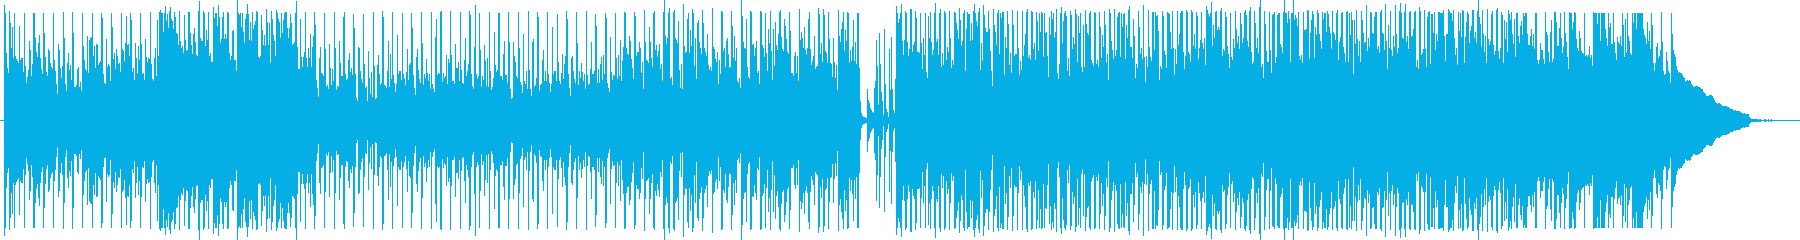 カントリーPOPアコースティックギター曲の再生済みの波形